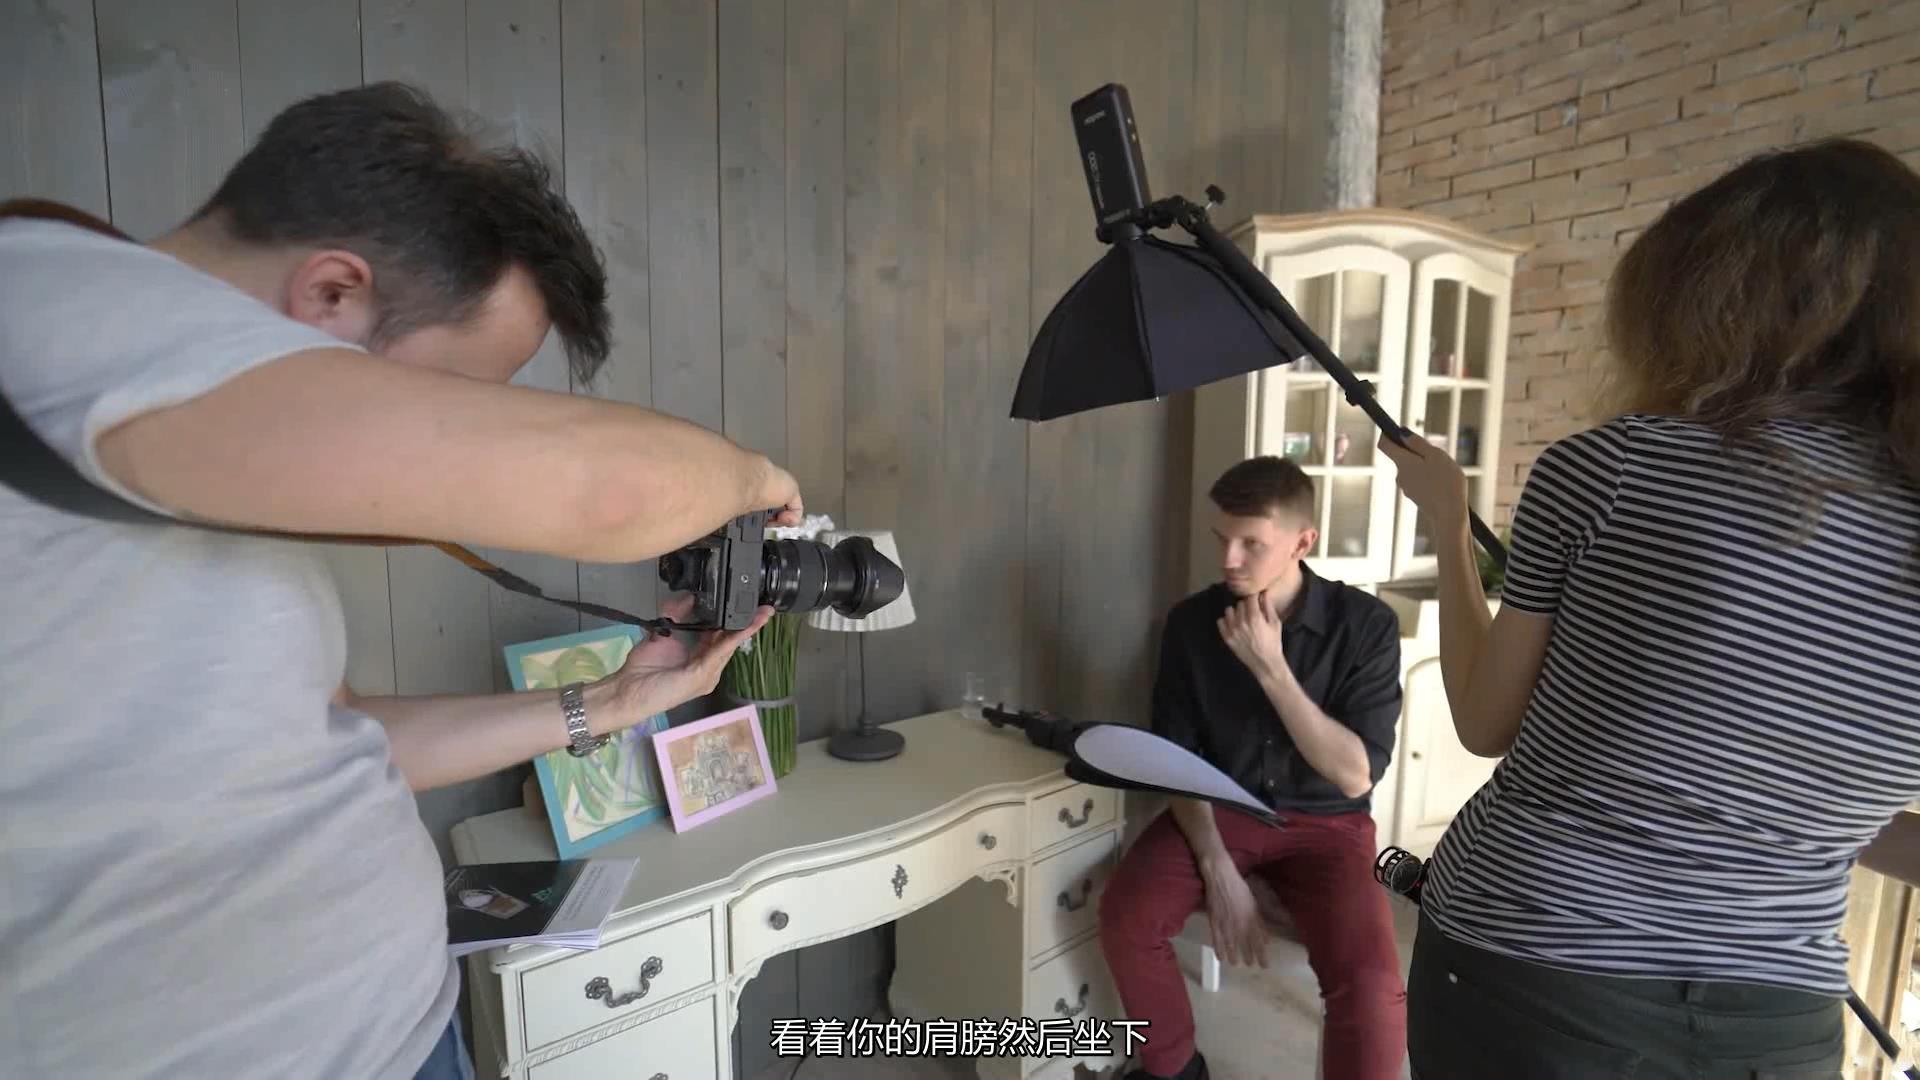 摄影教程_Alexey Gaidin实践30多种人造光闪光灯摄影布光教程-中文字幕 摄影教程 _预览图12